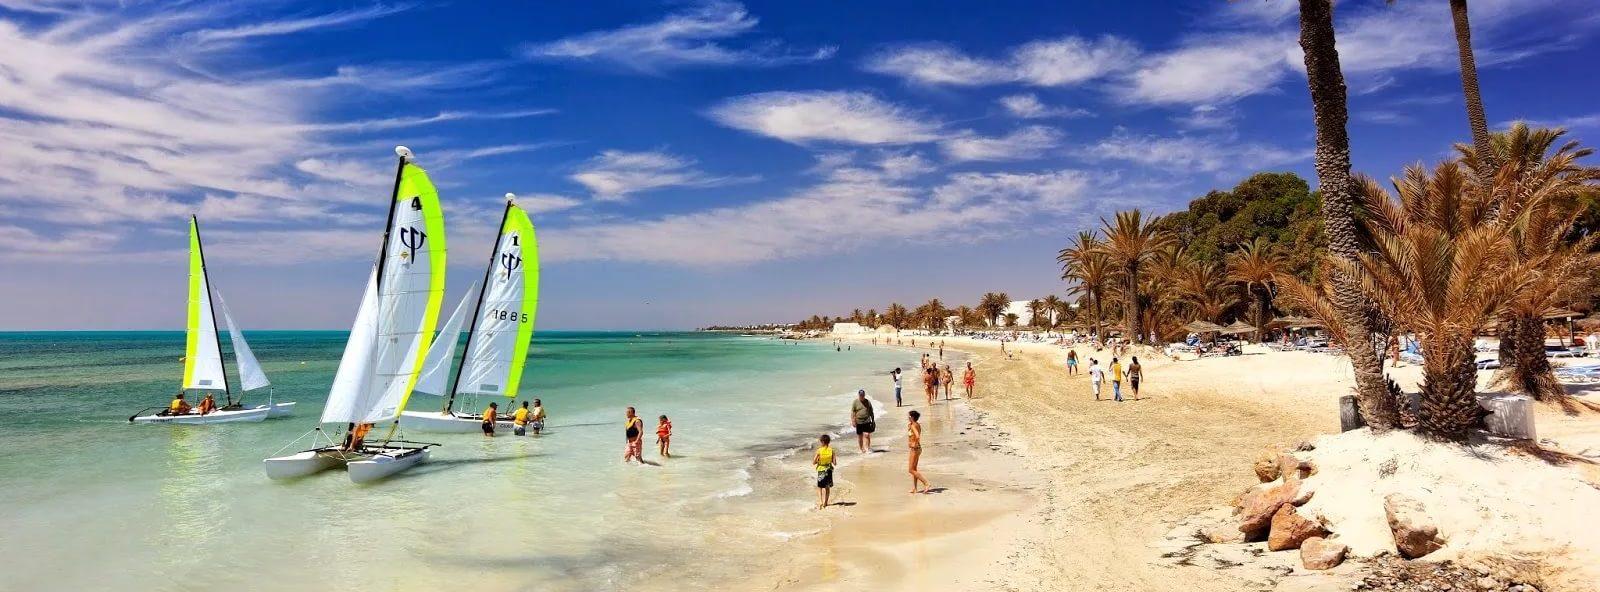 Горящие туры и путевки в Тунис, дешевые цены на отдых в Тунисе